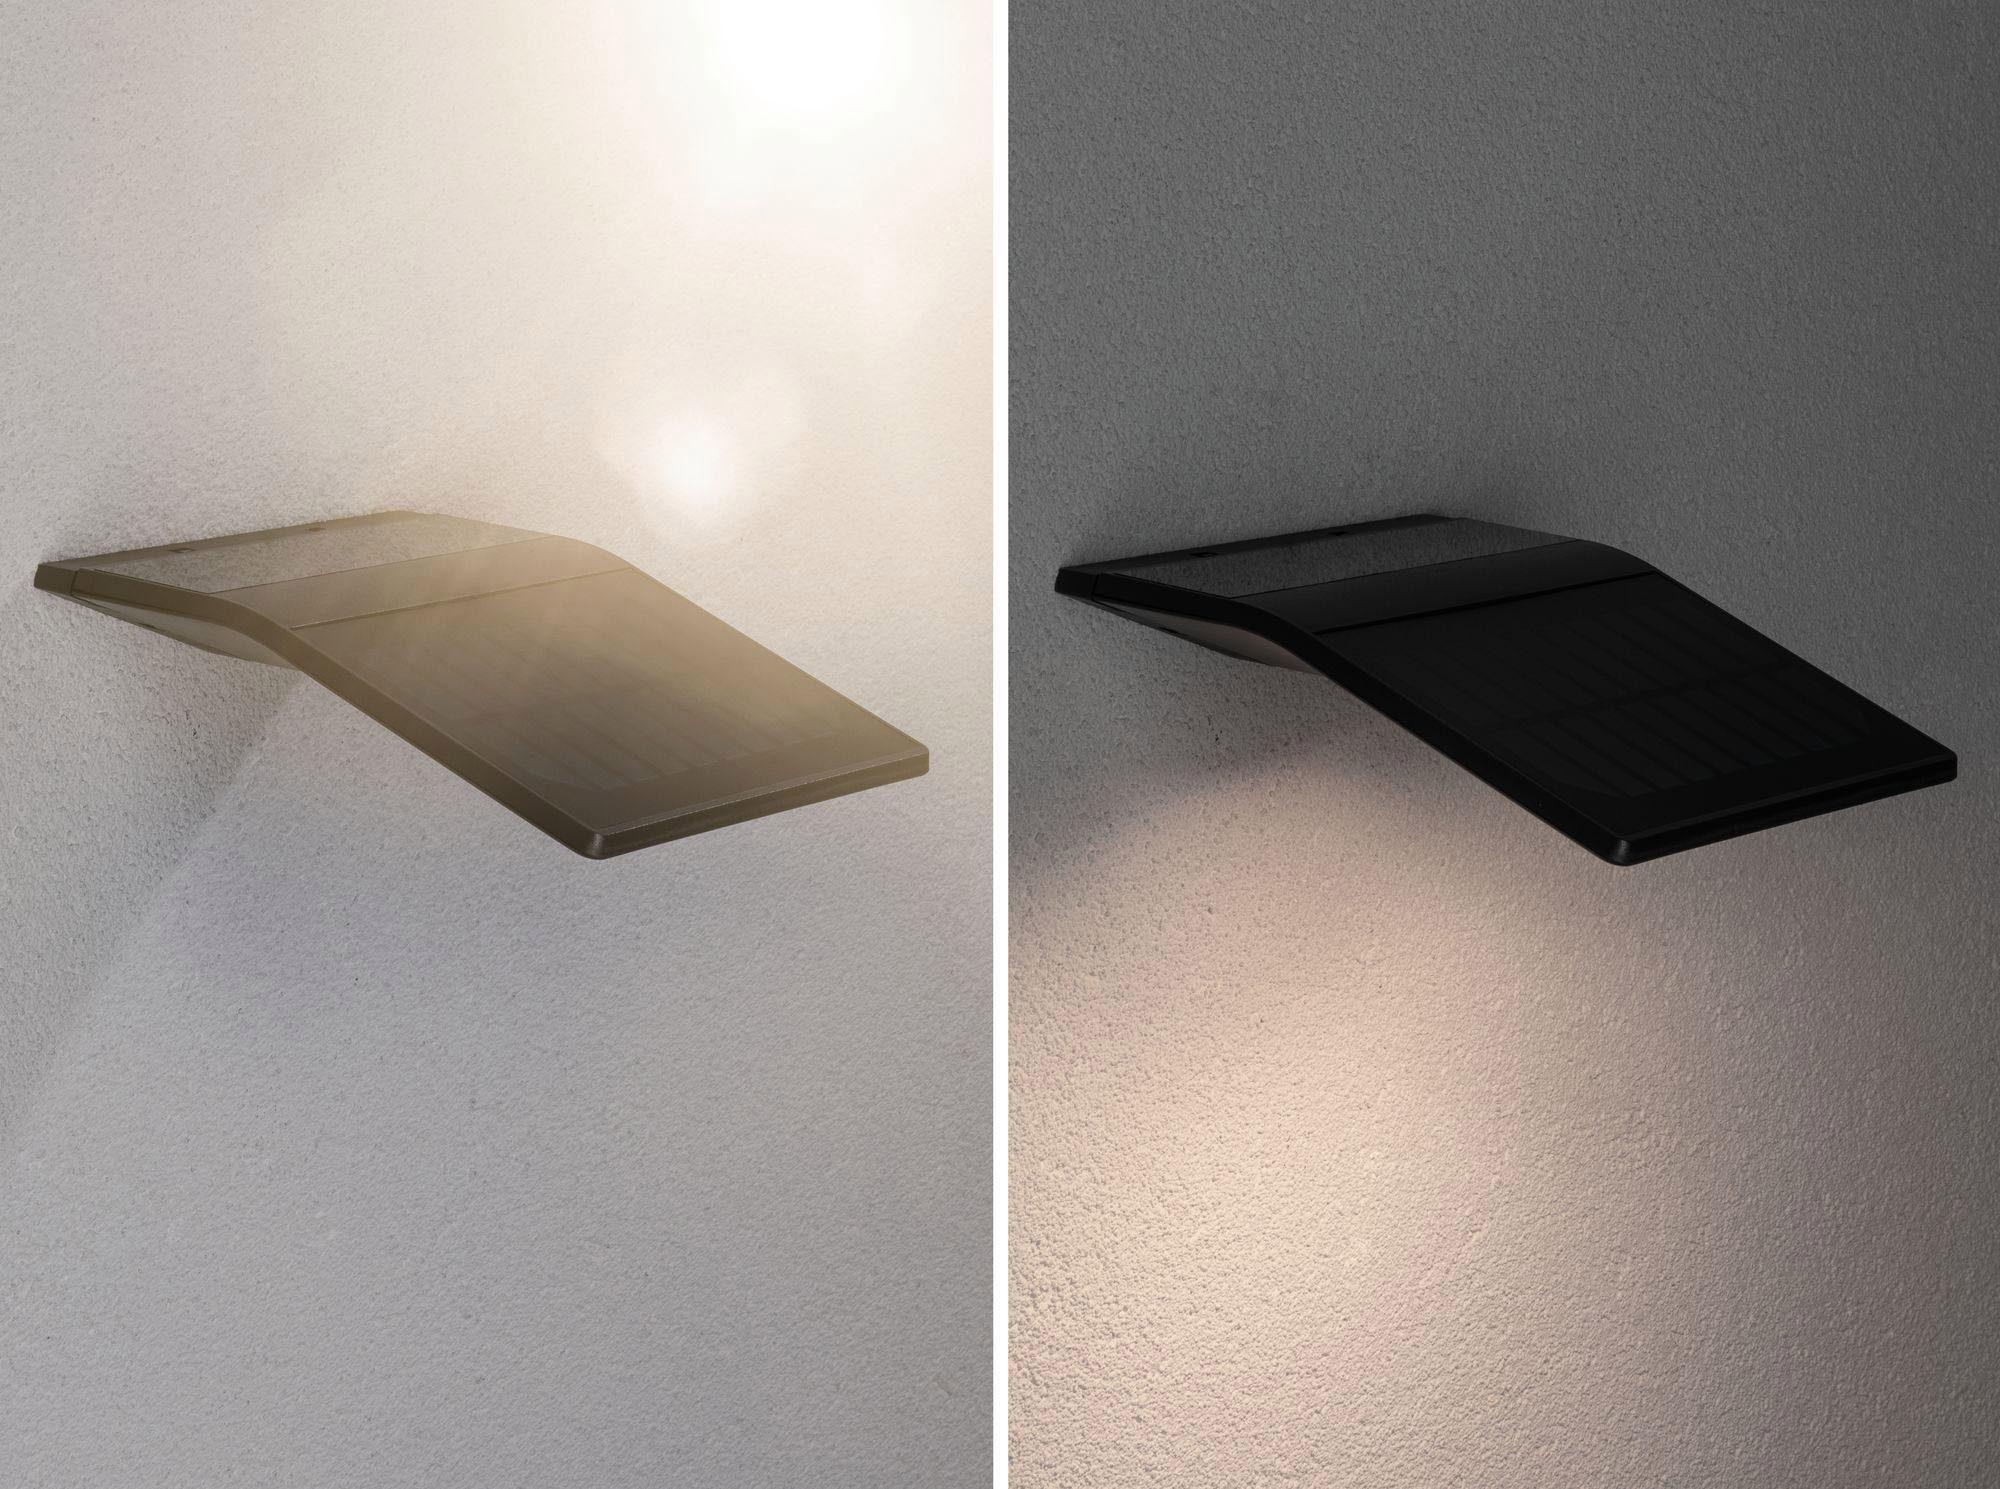 Paulmann LED Außen-Wandleuchte Outdoor Solar Wandleuchte Yoko Anthrazit mit Bewegungsmelder 3000K, Warmweiß